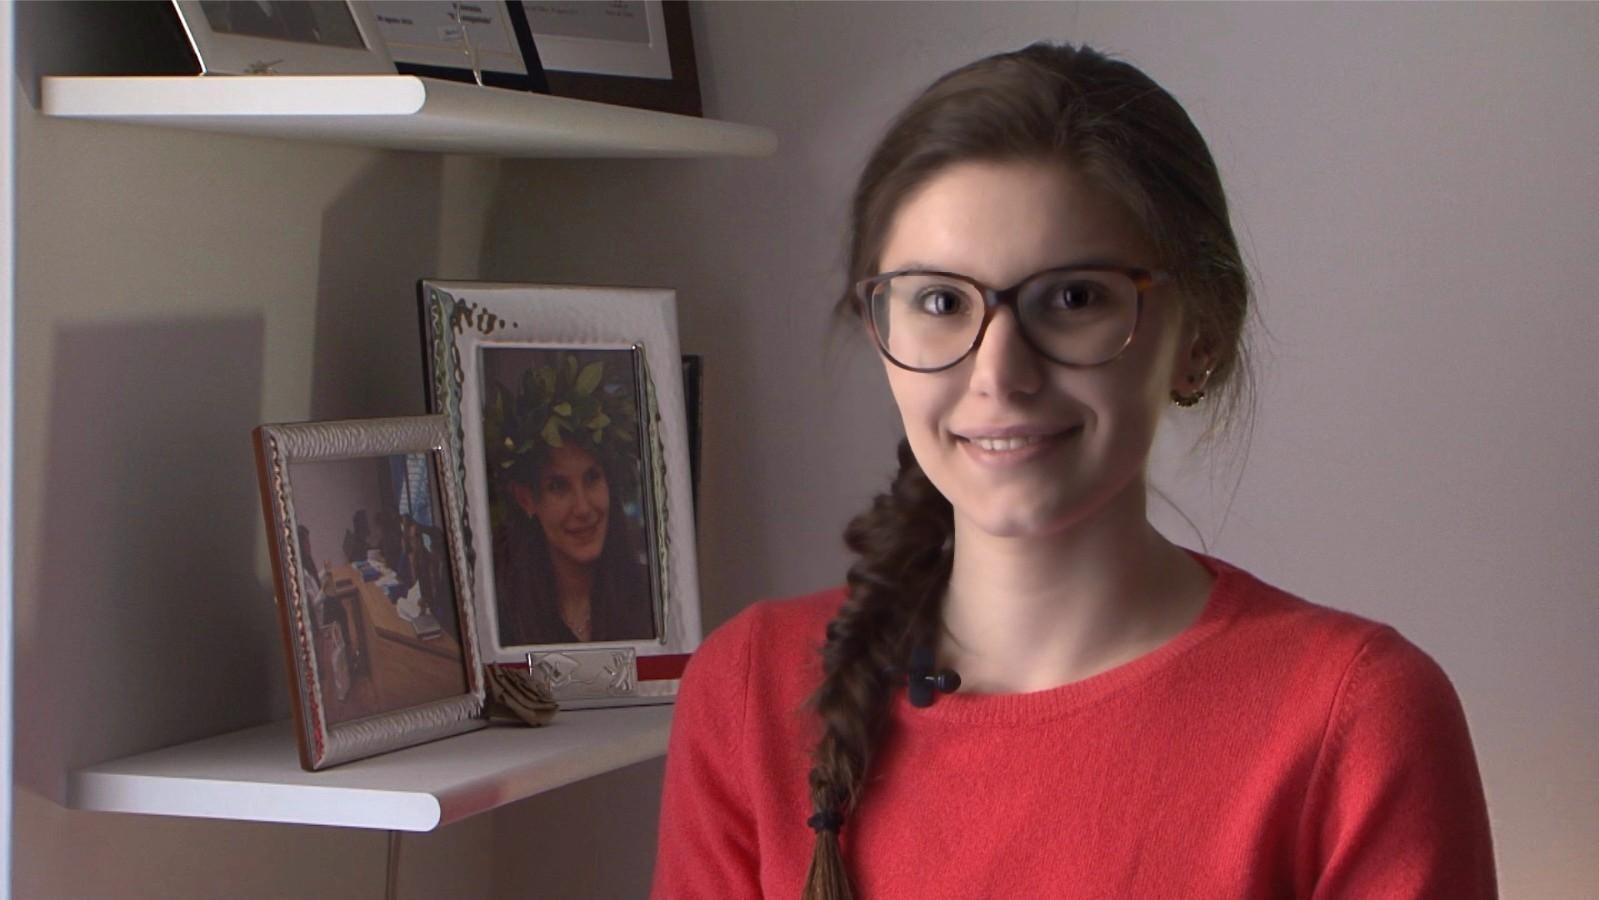 Modificate in Lumia SelfieLa scrittrice in erba Martina Dei Cas autrice de Il quaderno del destino